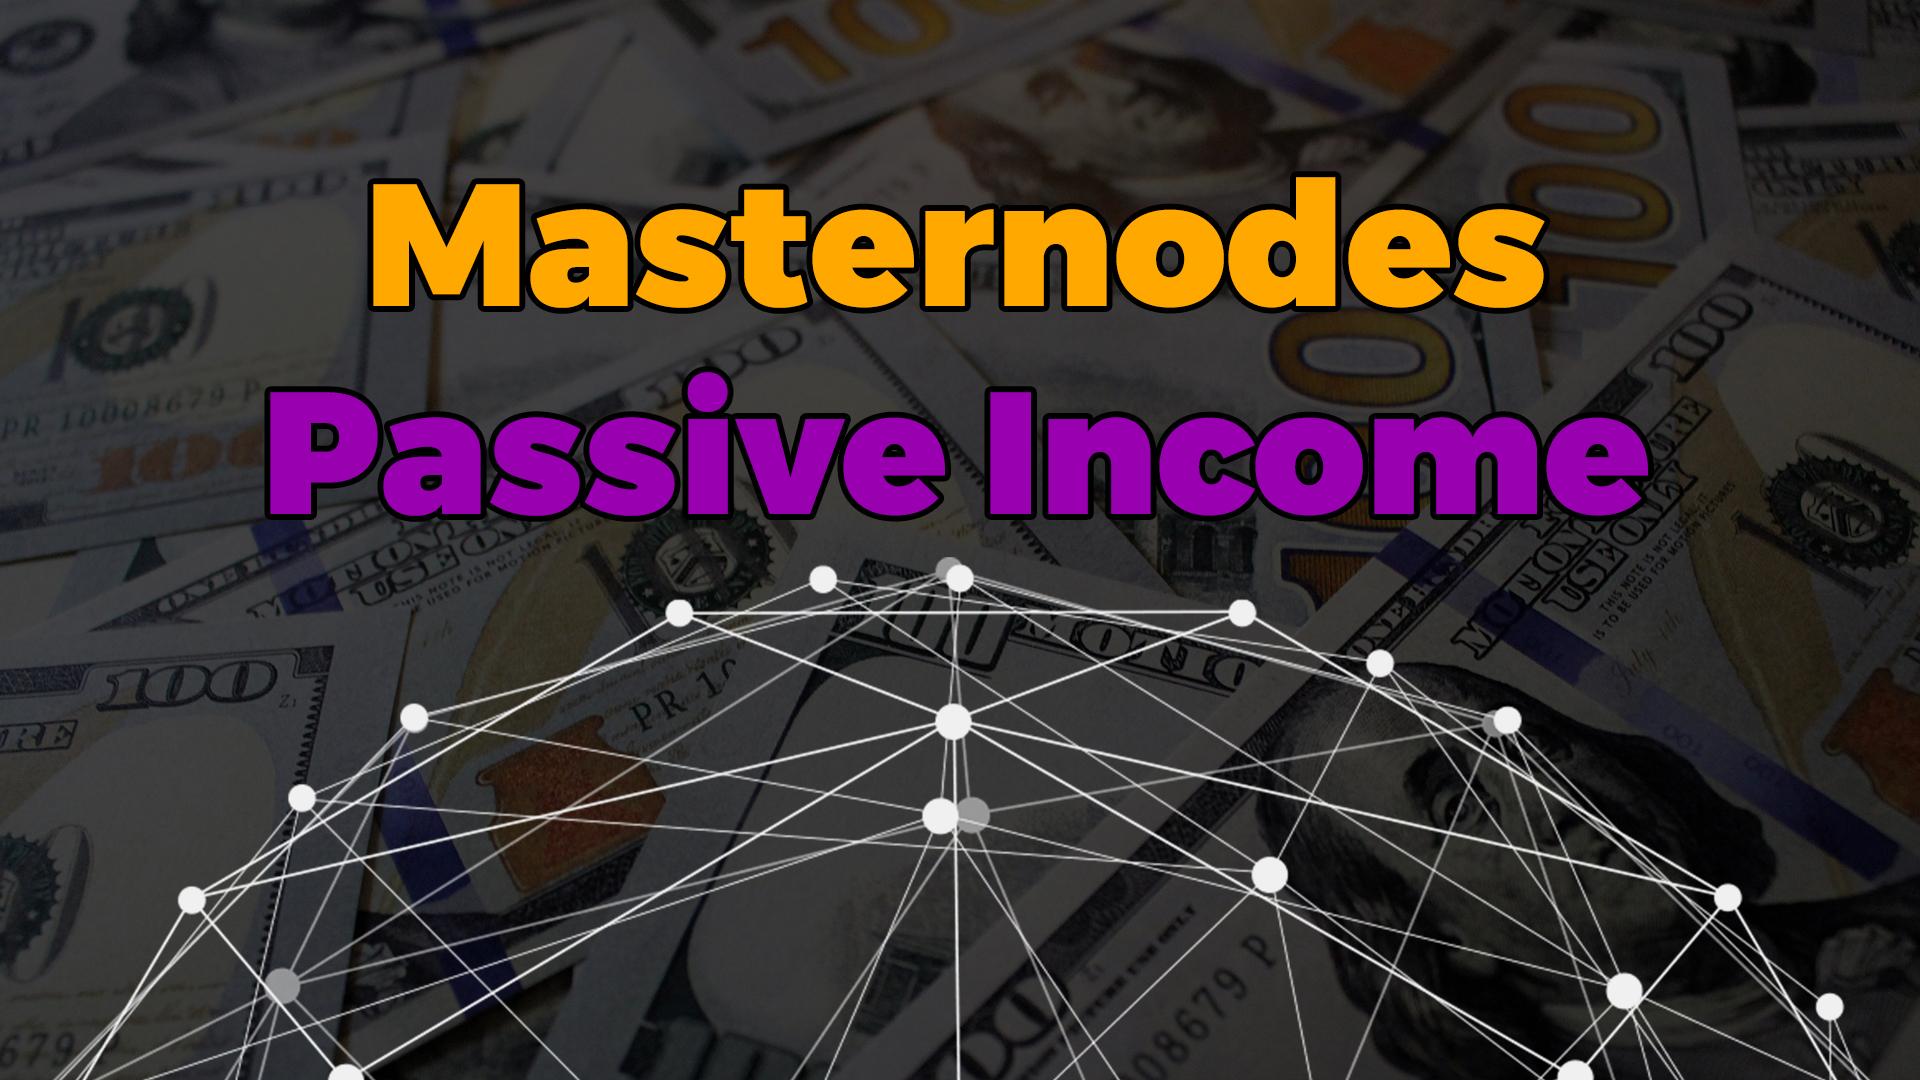 masternodes passive income